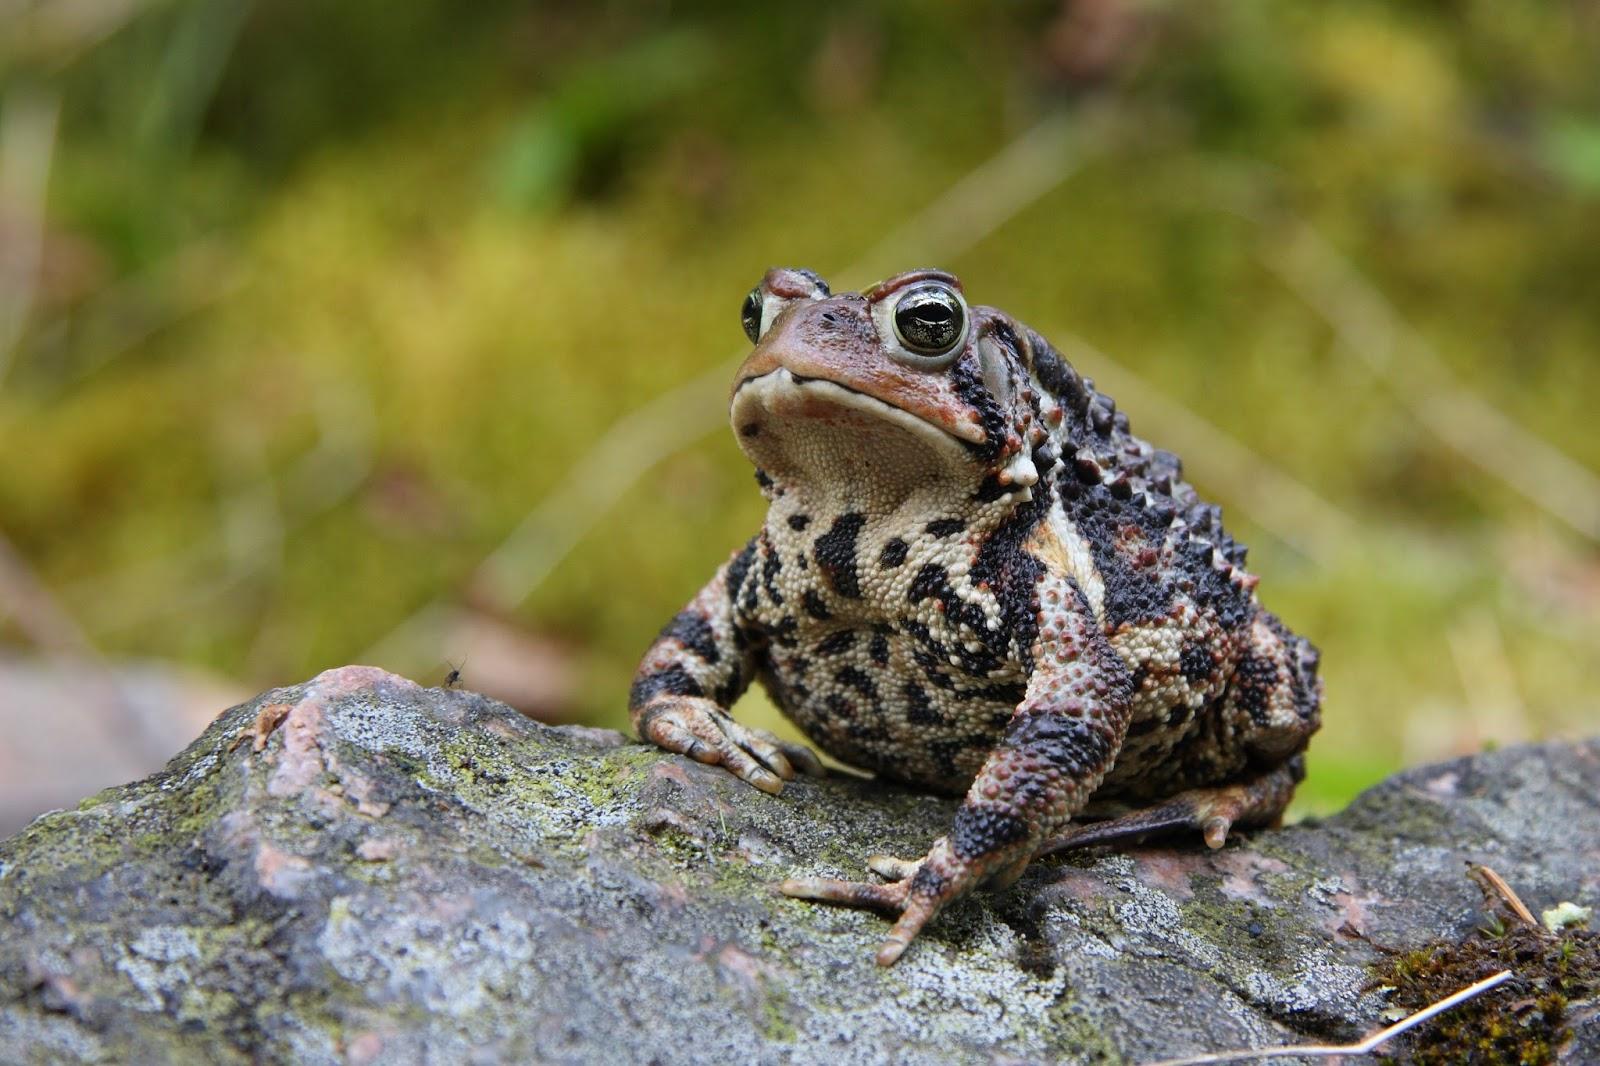 Amphibians: Bufo americanus PJC